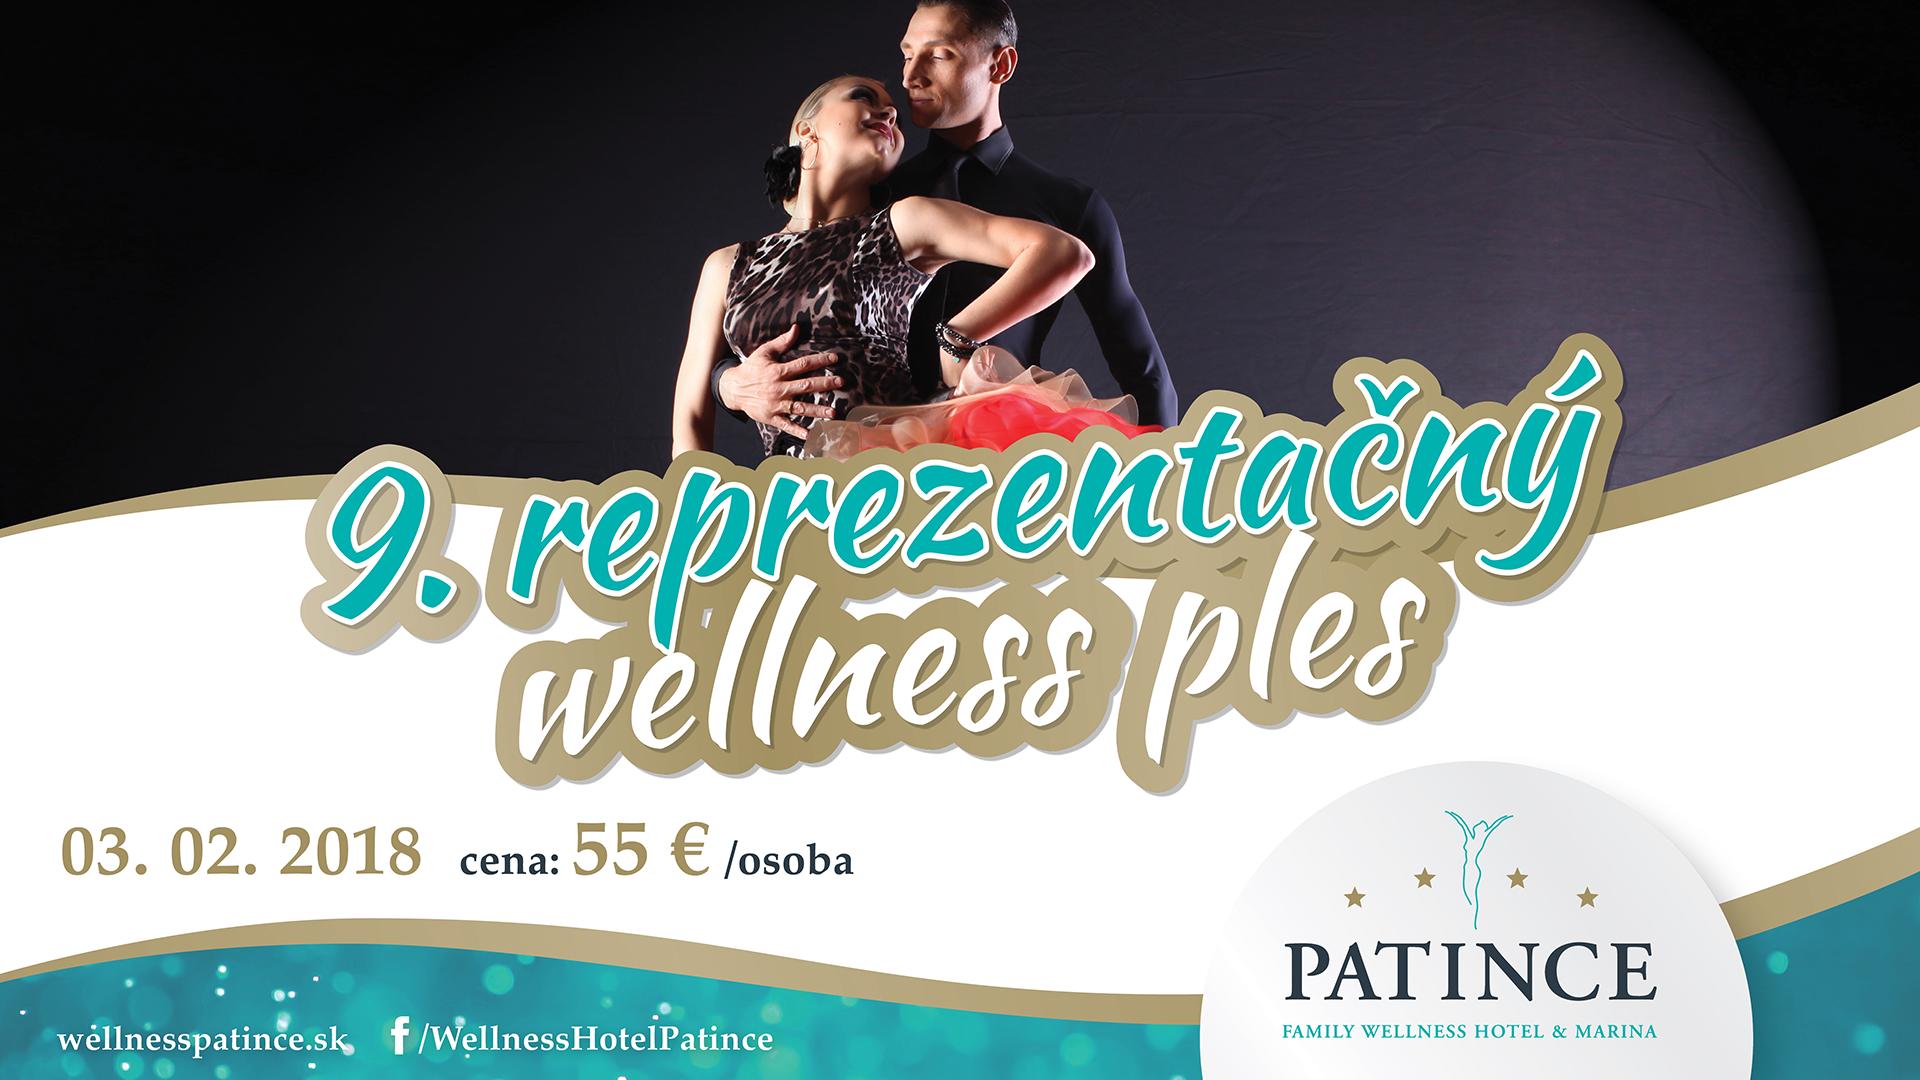 edf8e4f3c 9.reprezetačný wellnes ples v Patinciach Fa - Kam v meste | moja Nitra